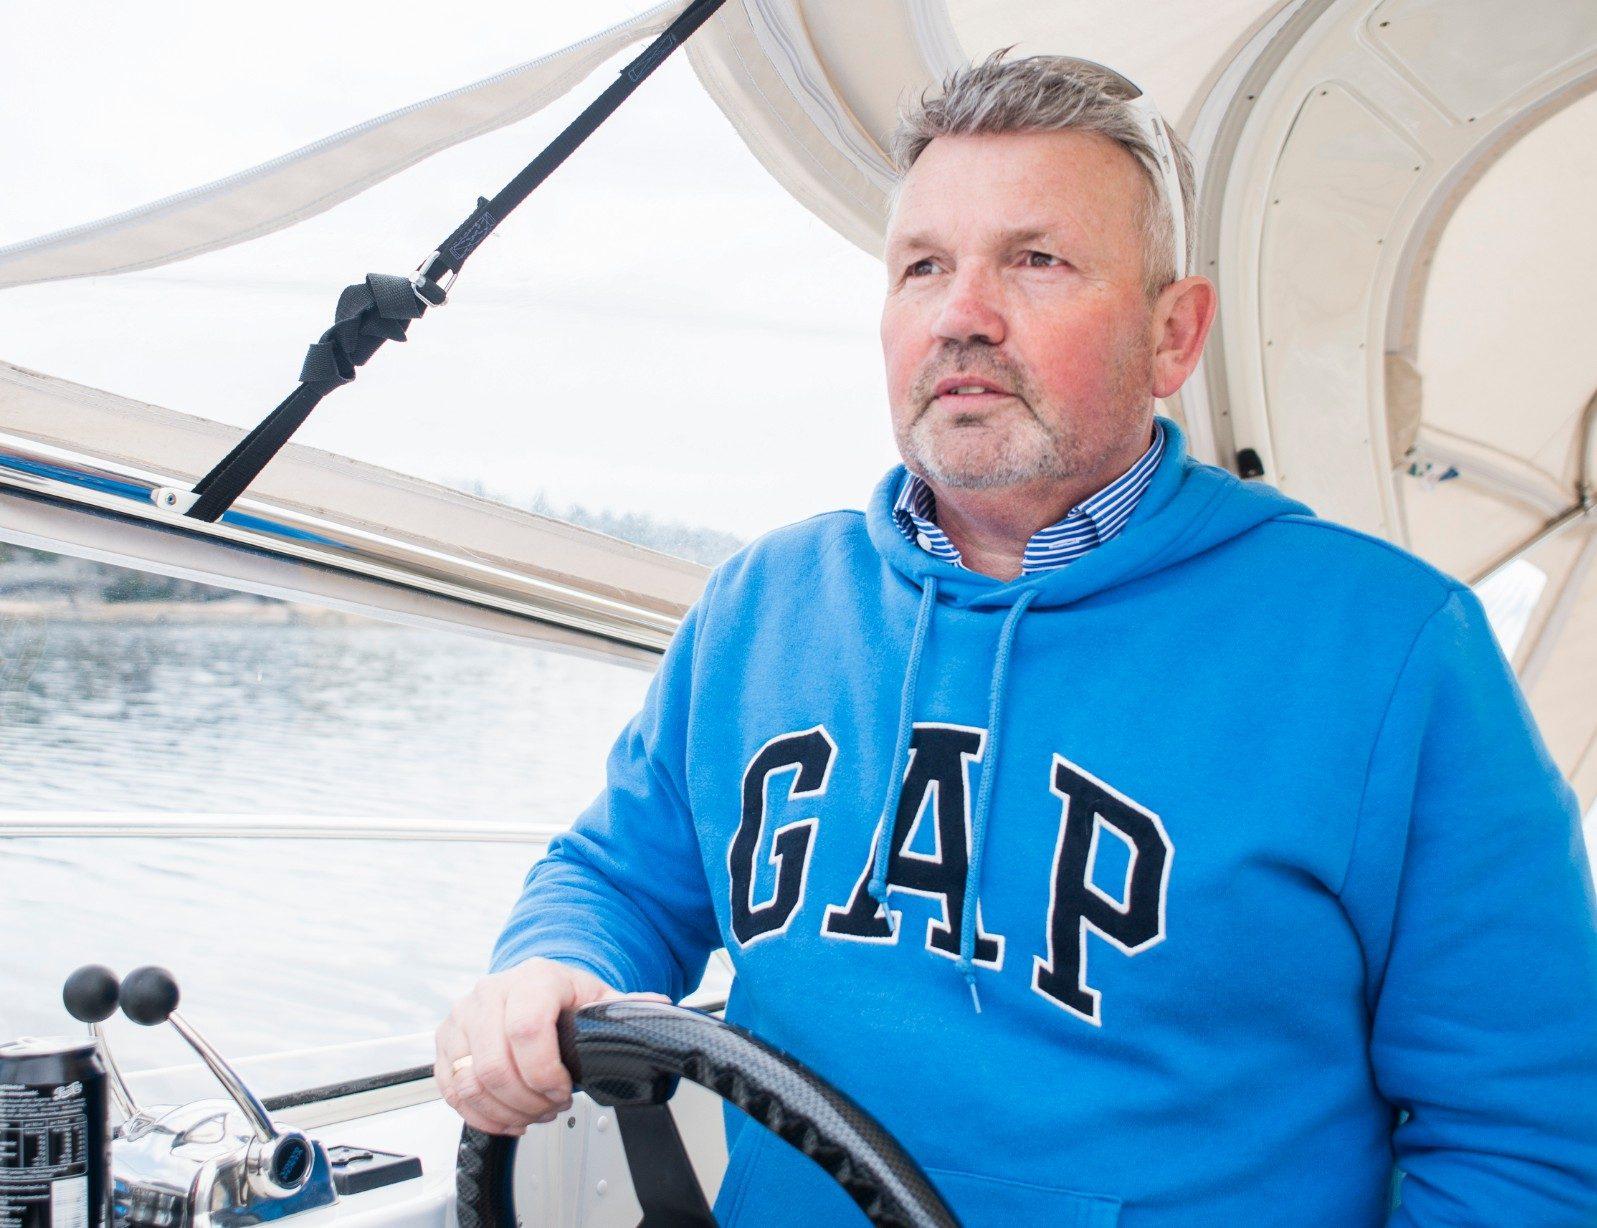 Tom står bak rattet på båten sin og skuer utover havet.